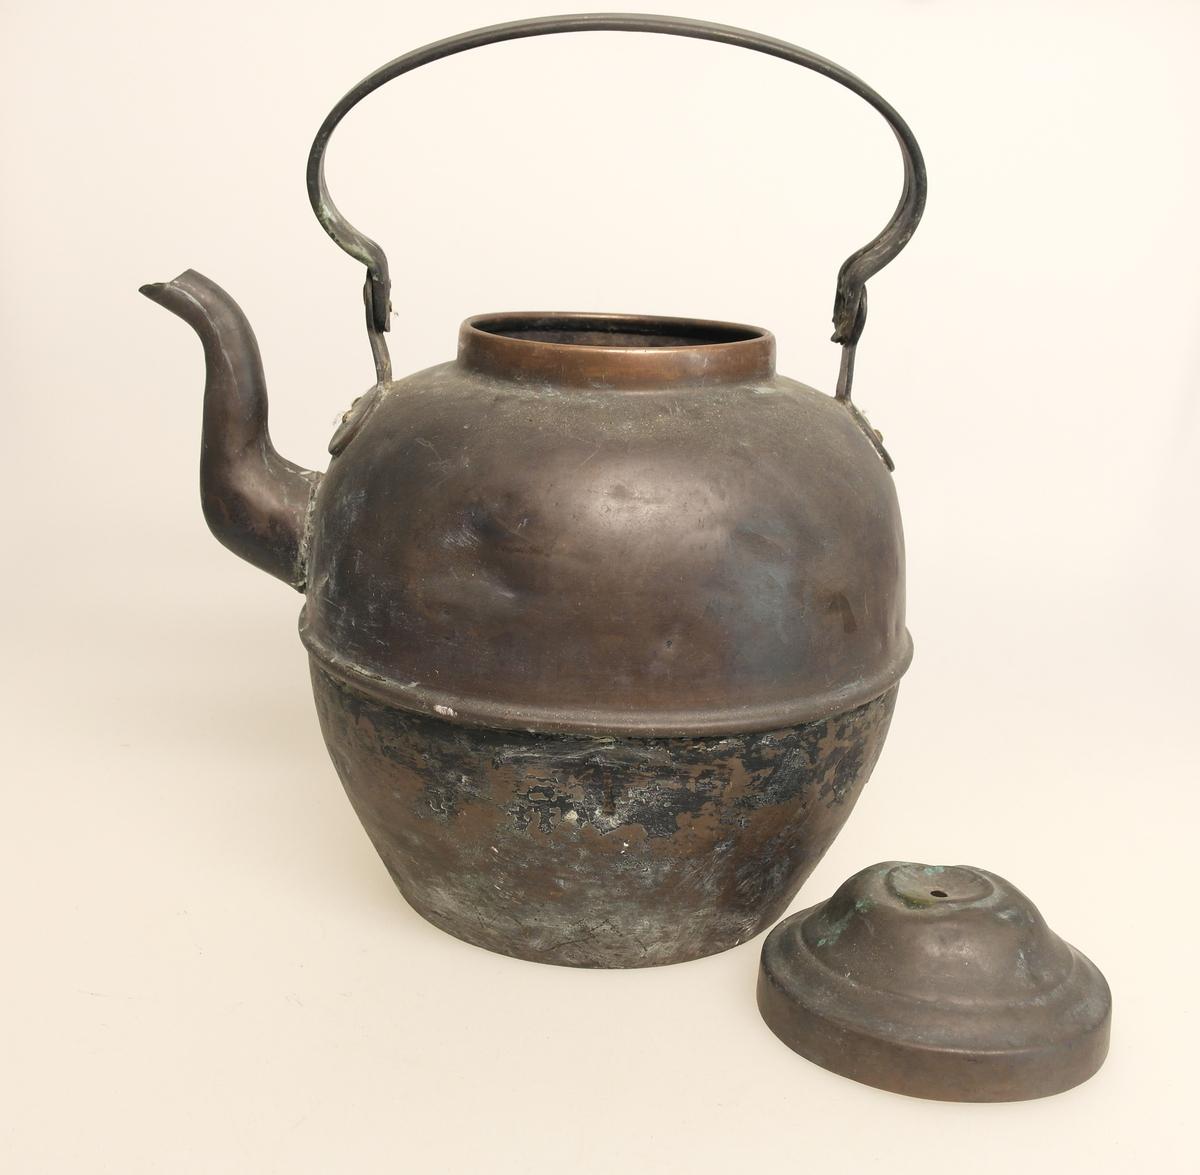 Kaffekjele (A) med lokk (B), laget av kobber, med innvendig fortinning. Det er en forhøyet kant midt på kannen, som viser at den er beregnet på komfyr med ringer. Inngravering på hanken.